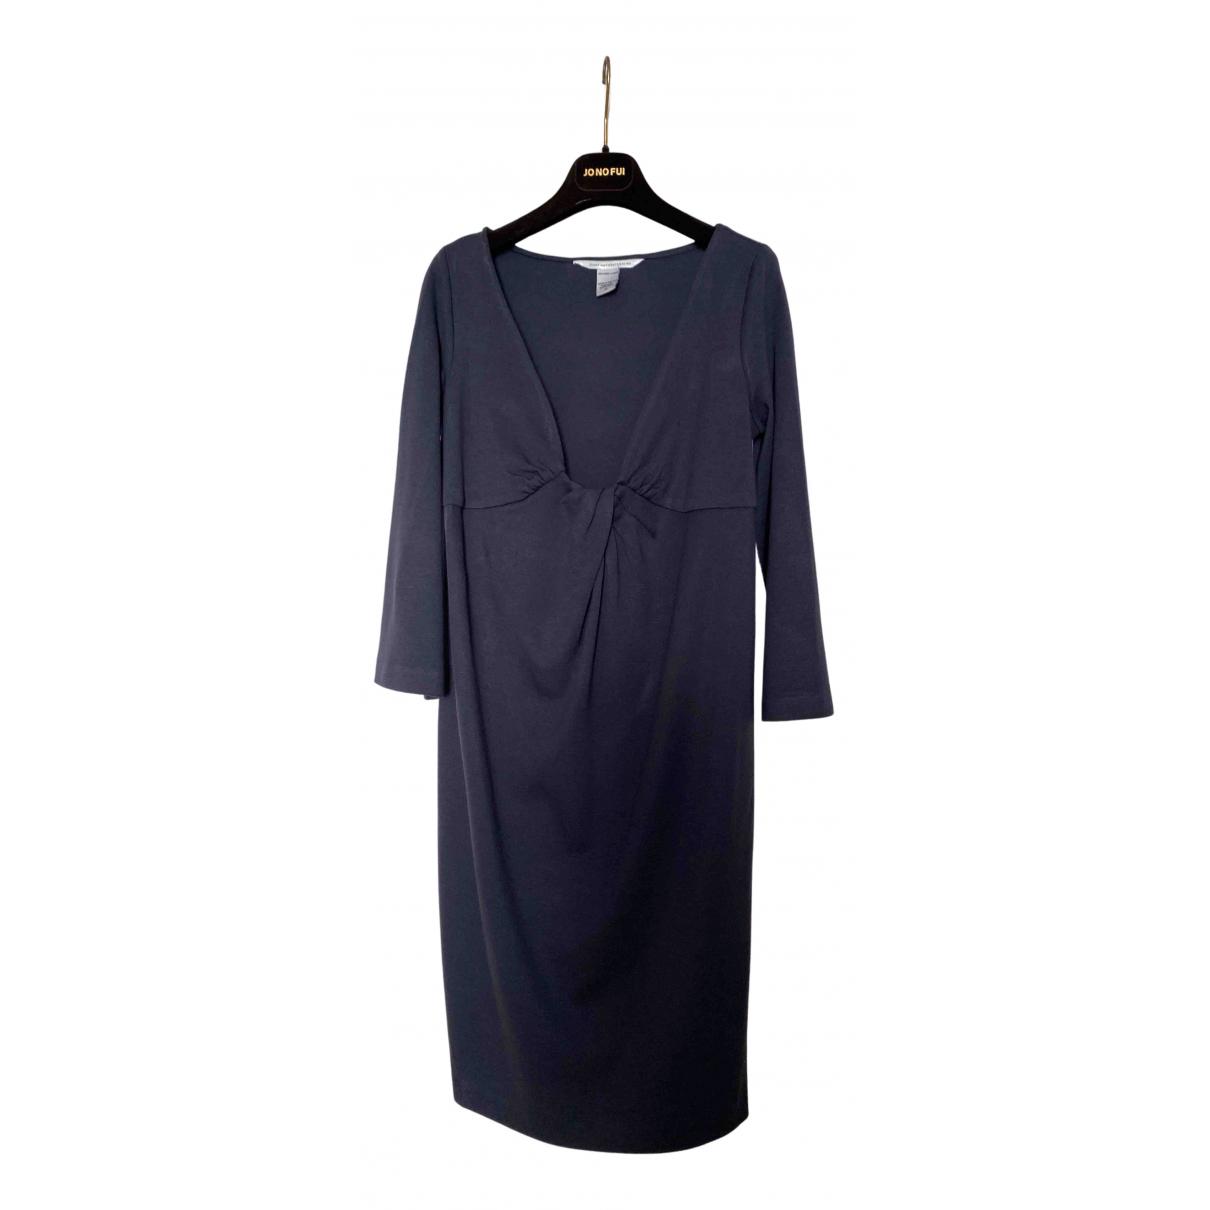 Diane Von Furstenberg \N Kleid in  Grau Wolle